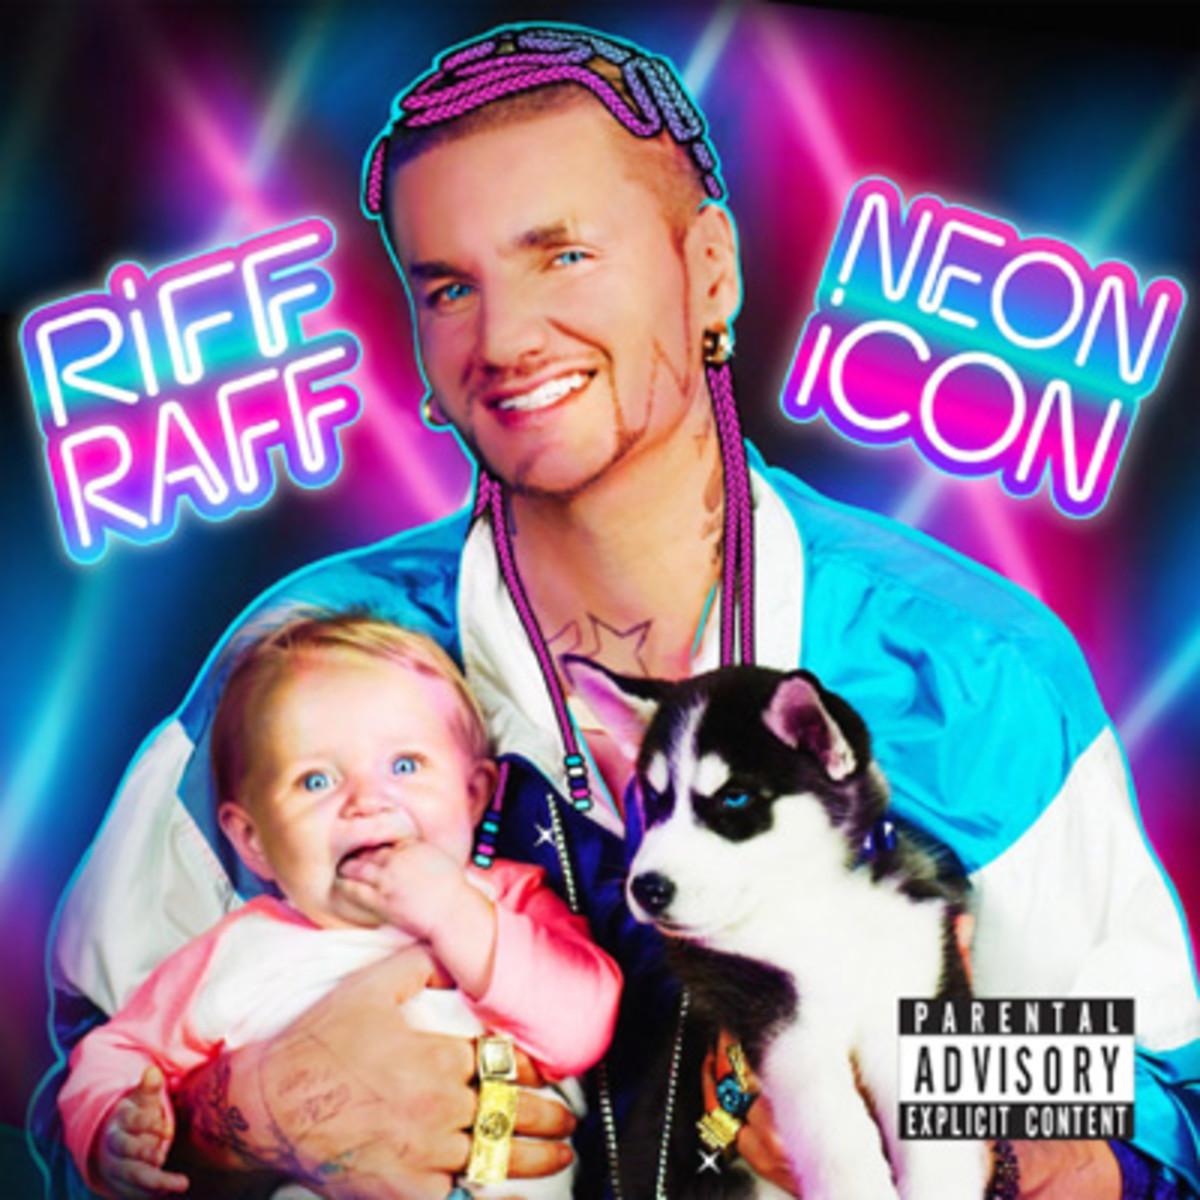 riffraff-neonicon.jpg